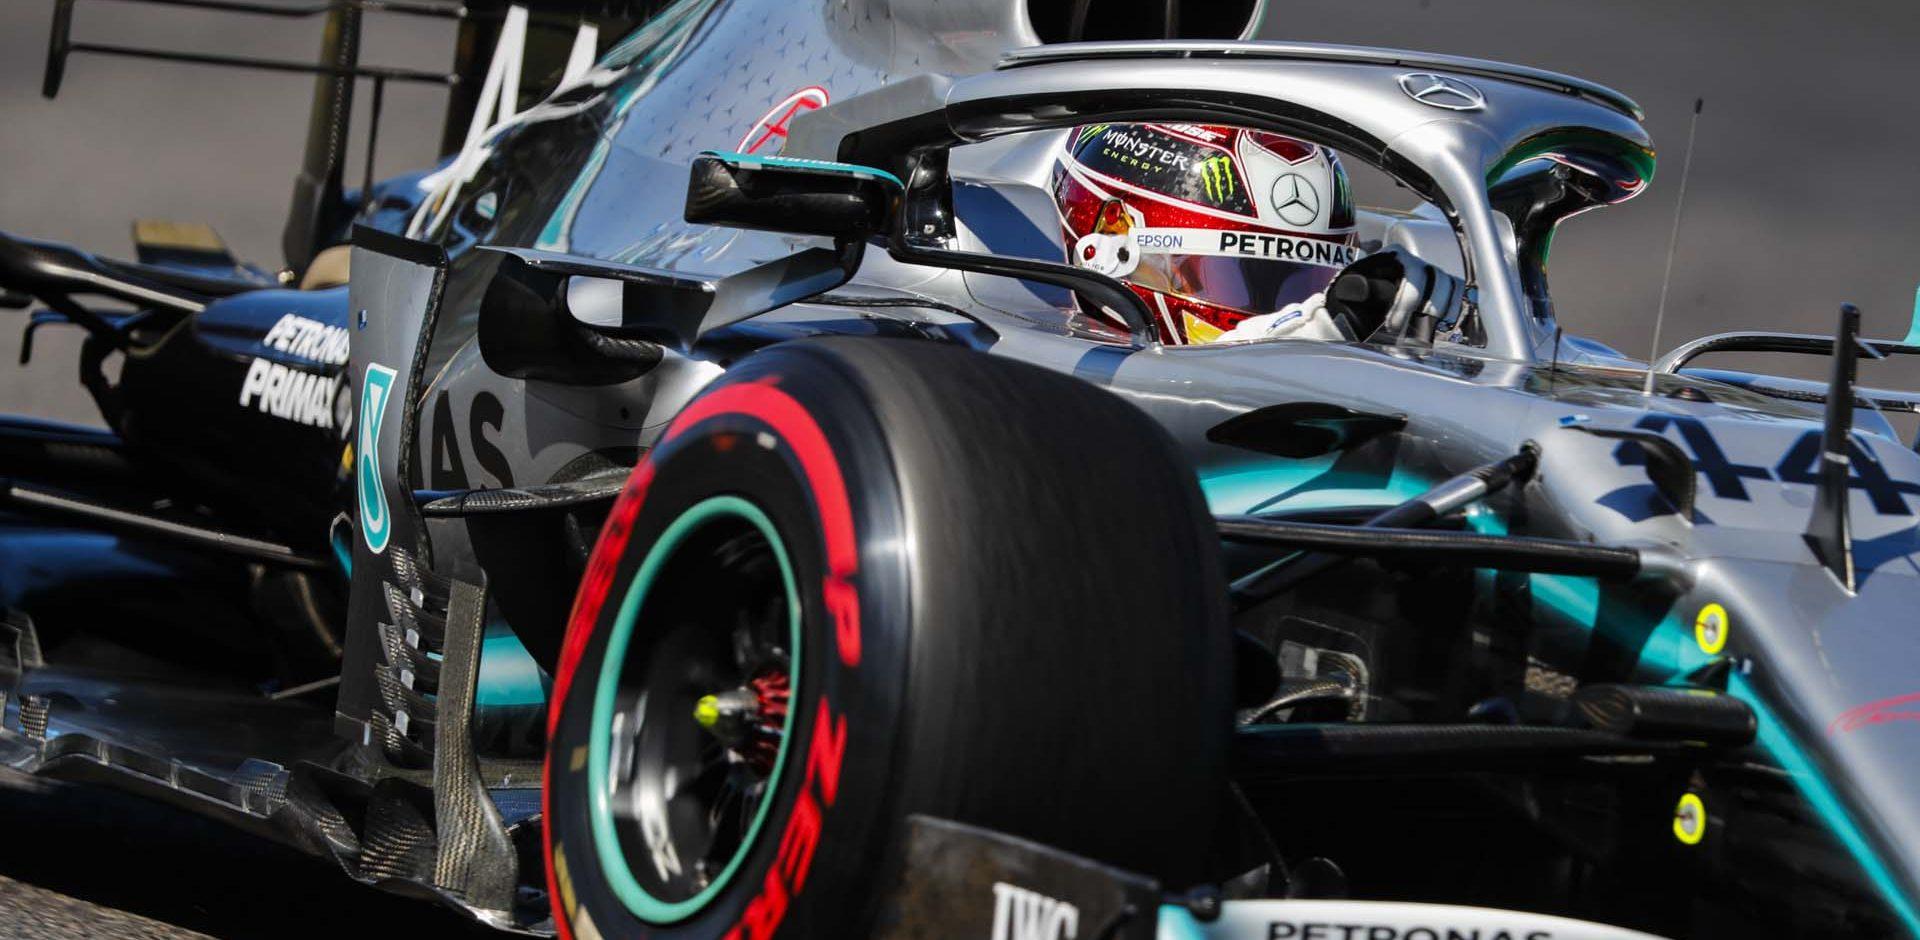 2019 Japanese Grand Prix, Sunday - LAT Images Lewis Hamilton Mercedes